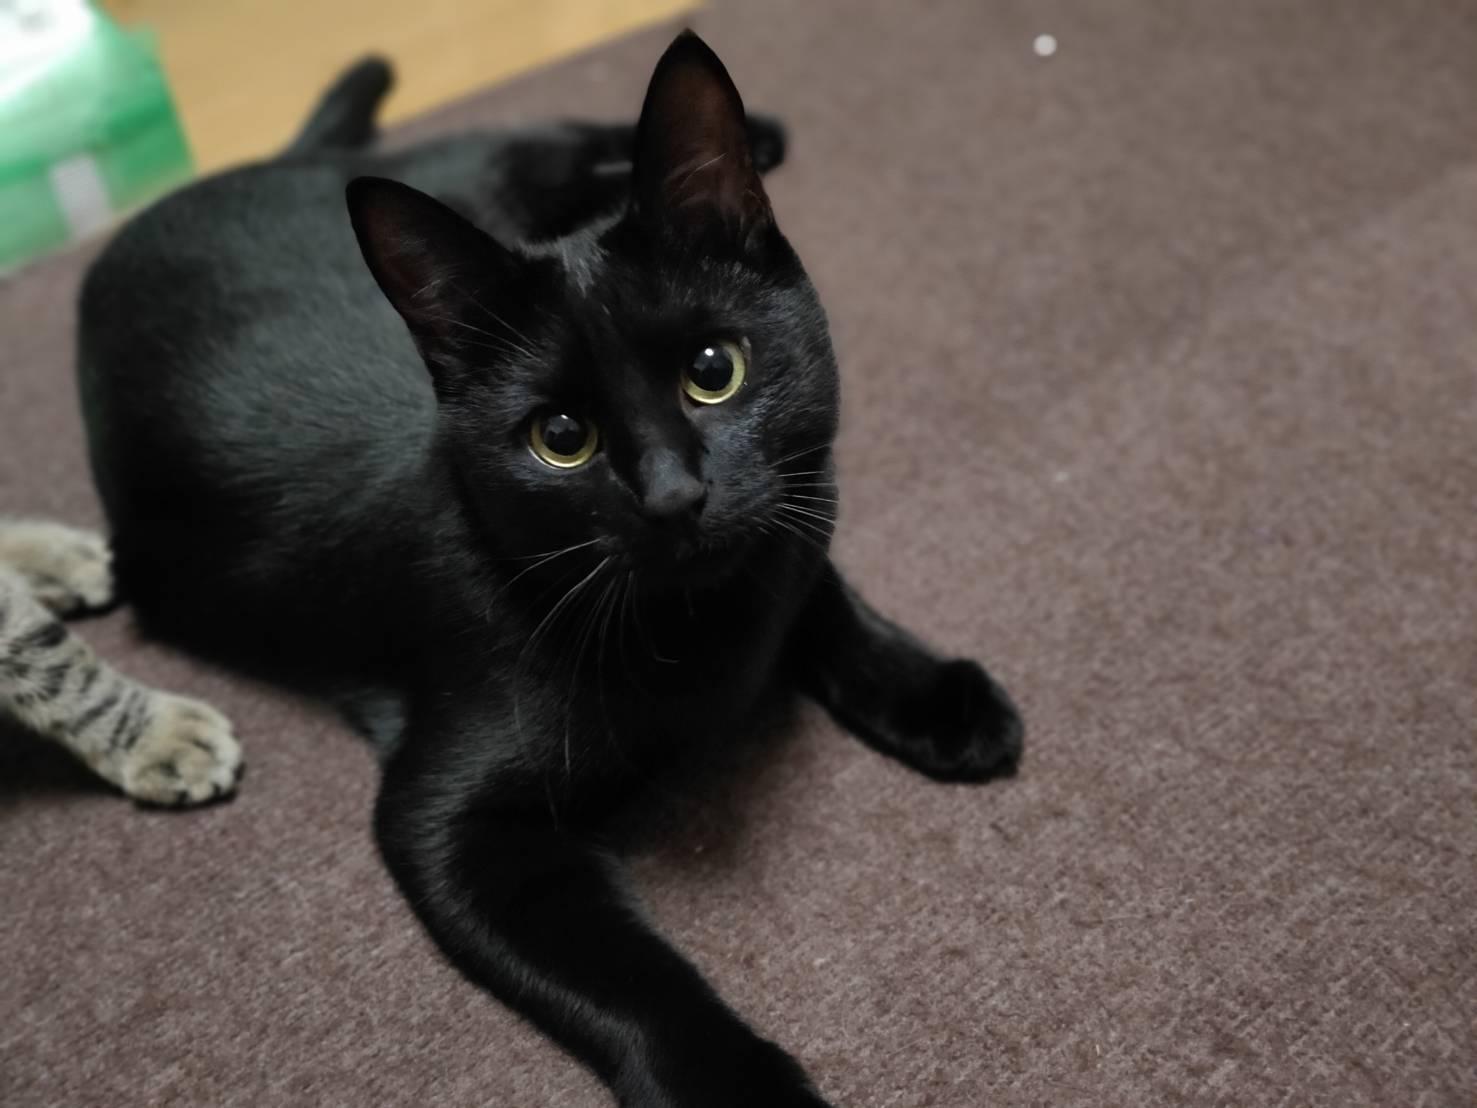 ベルベットのようなツヤツヤ毛並み 黒猫のチョビちゃん